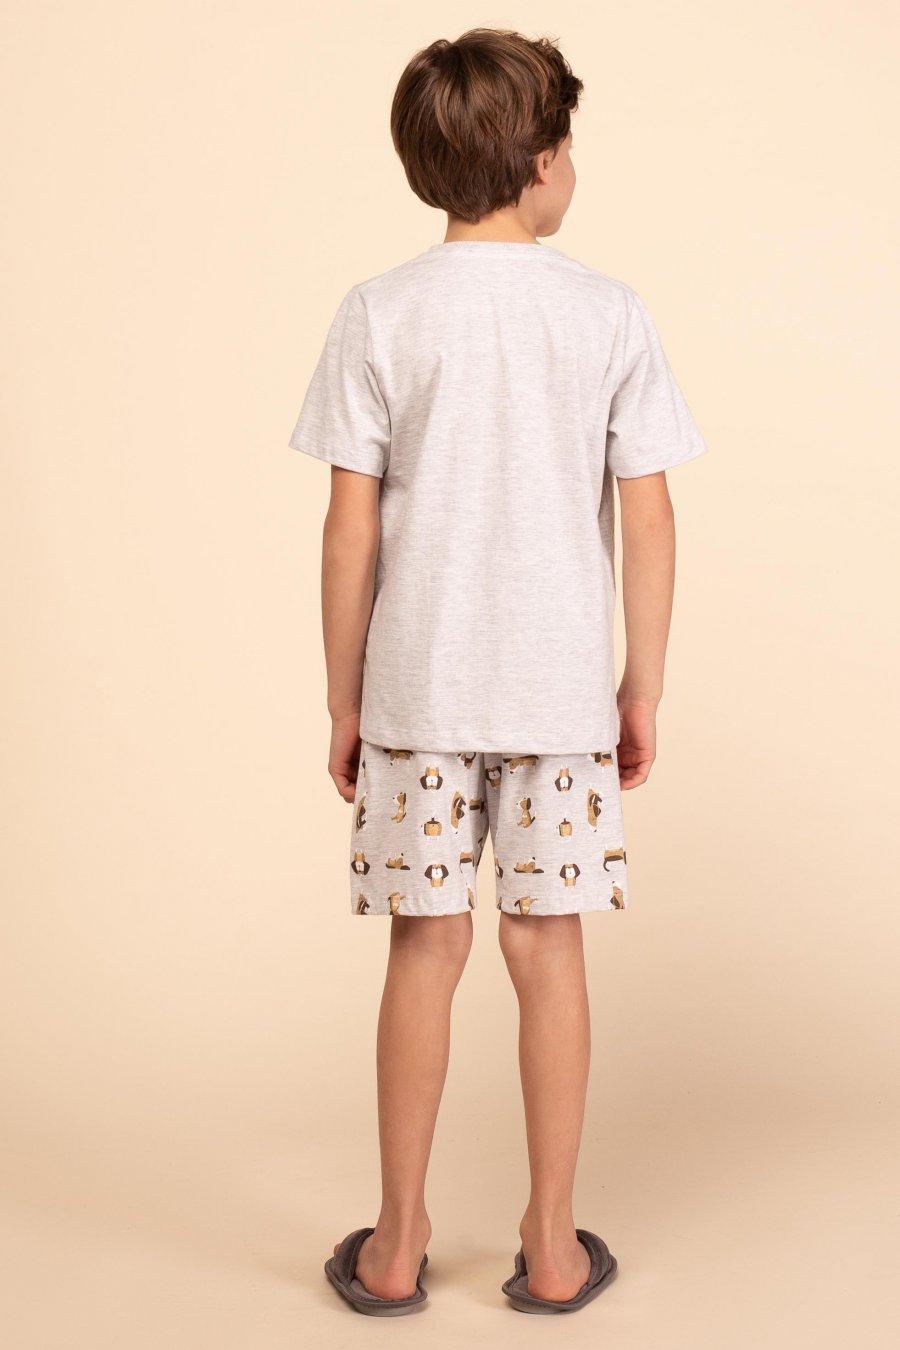 PROMO Pijama Infantil 1/2 Malha Dog Verão MDS